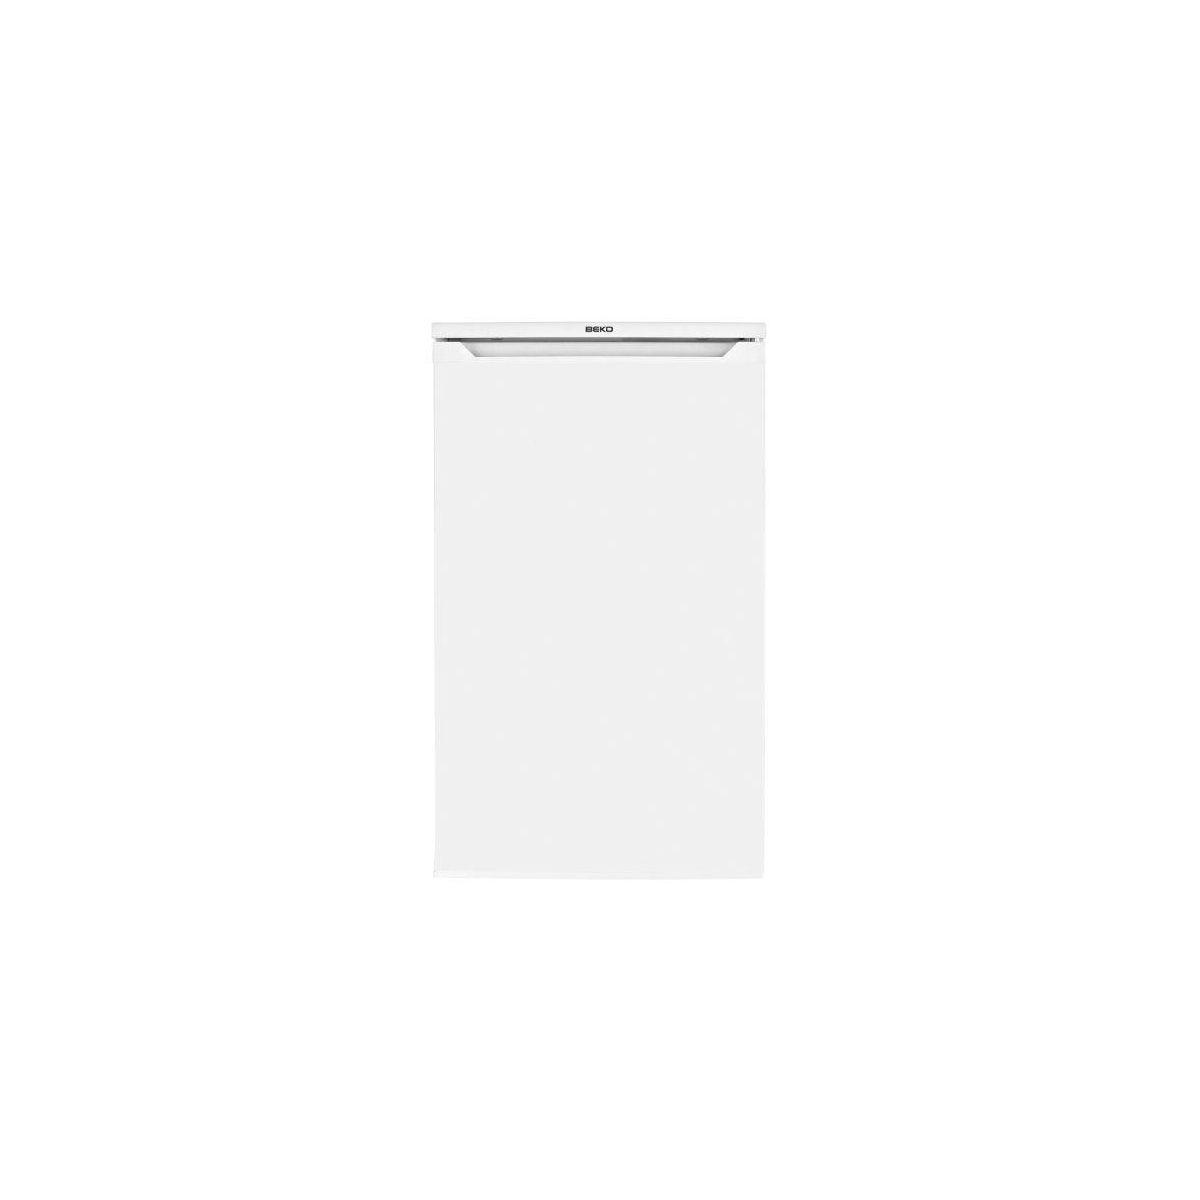 beko ts190320 r frig rateur table top comparer avec. Black Bedroom Furniture Sets. Home Design Ideas